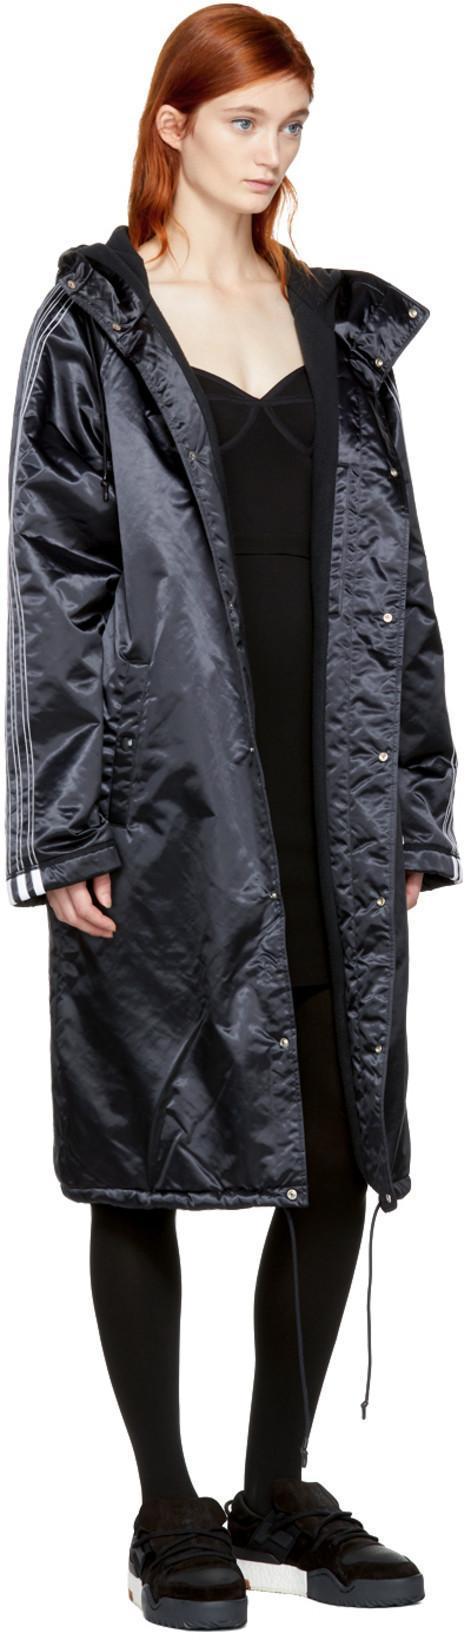 1758c90bc592 ADIDAS ORIGINALS BY ALEXANDER WANG Adidas By Alexander Wang Stadium Jacket  In Black in Black